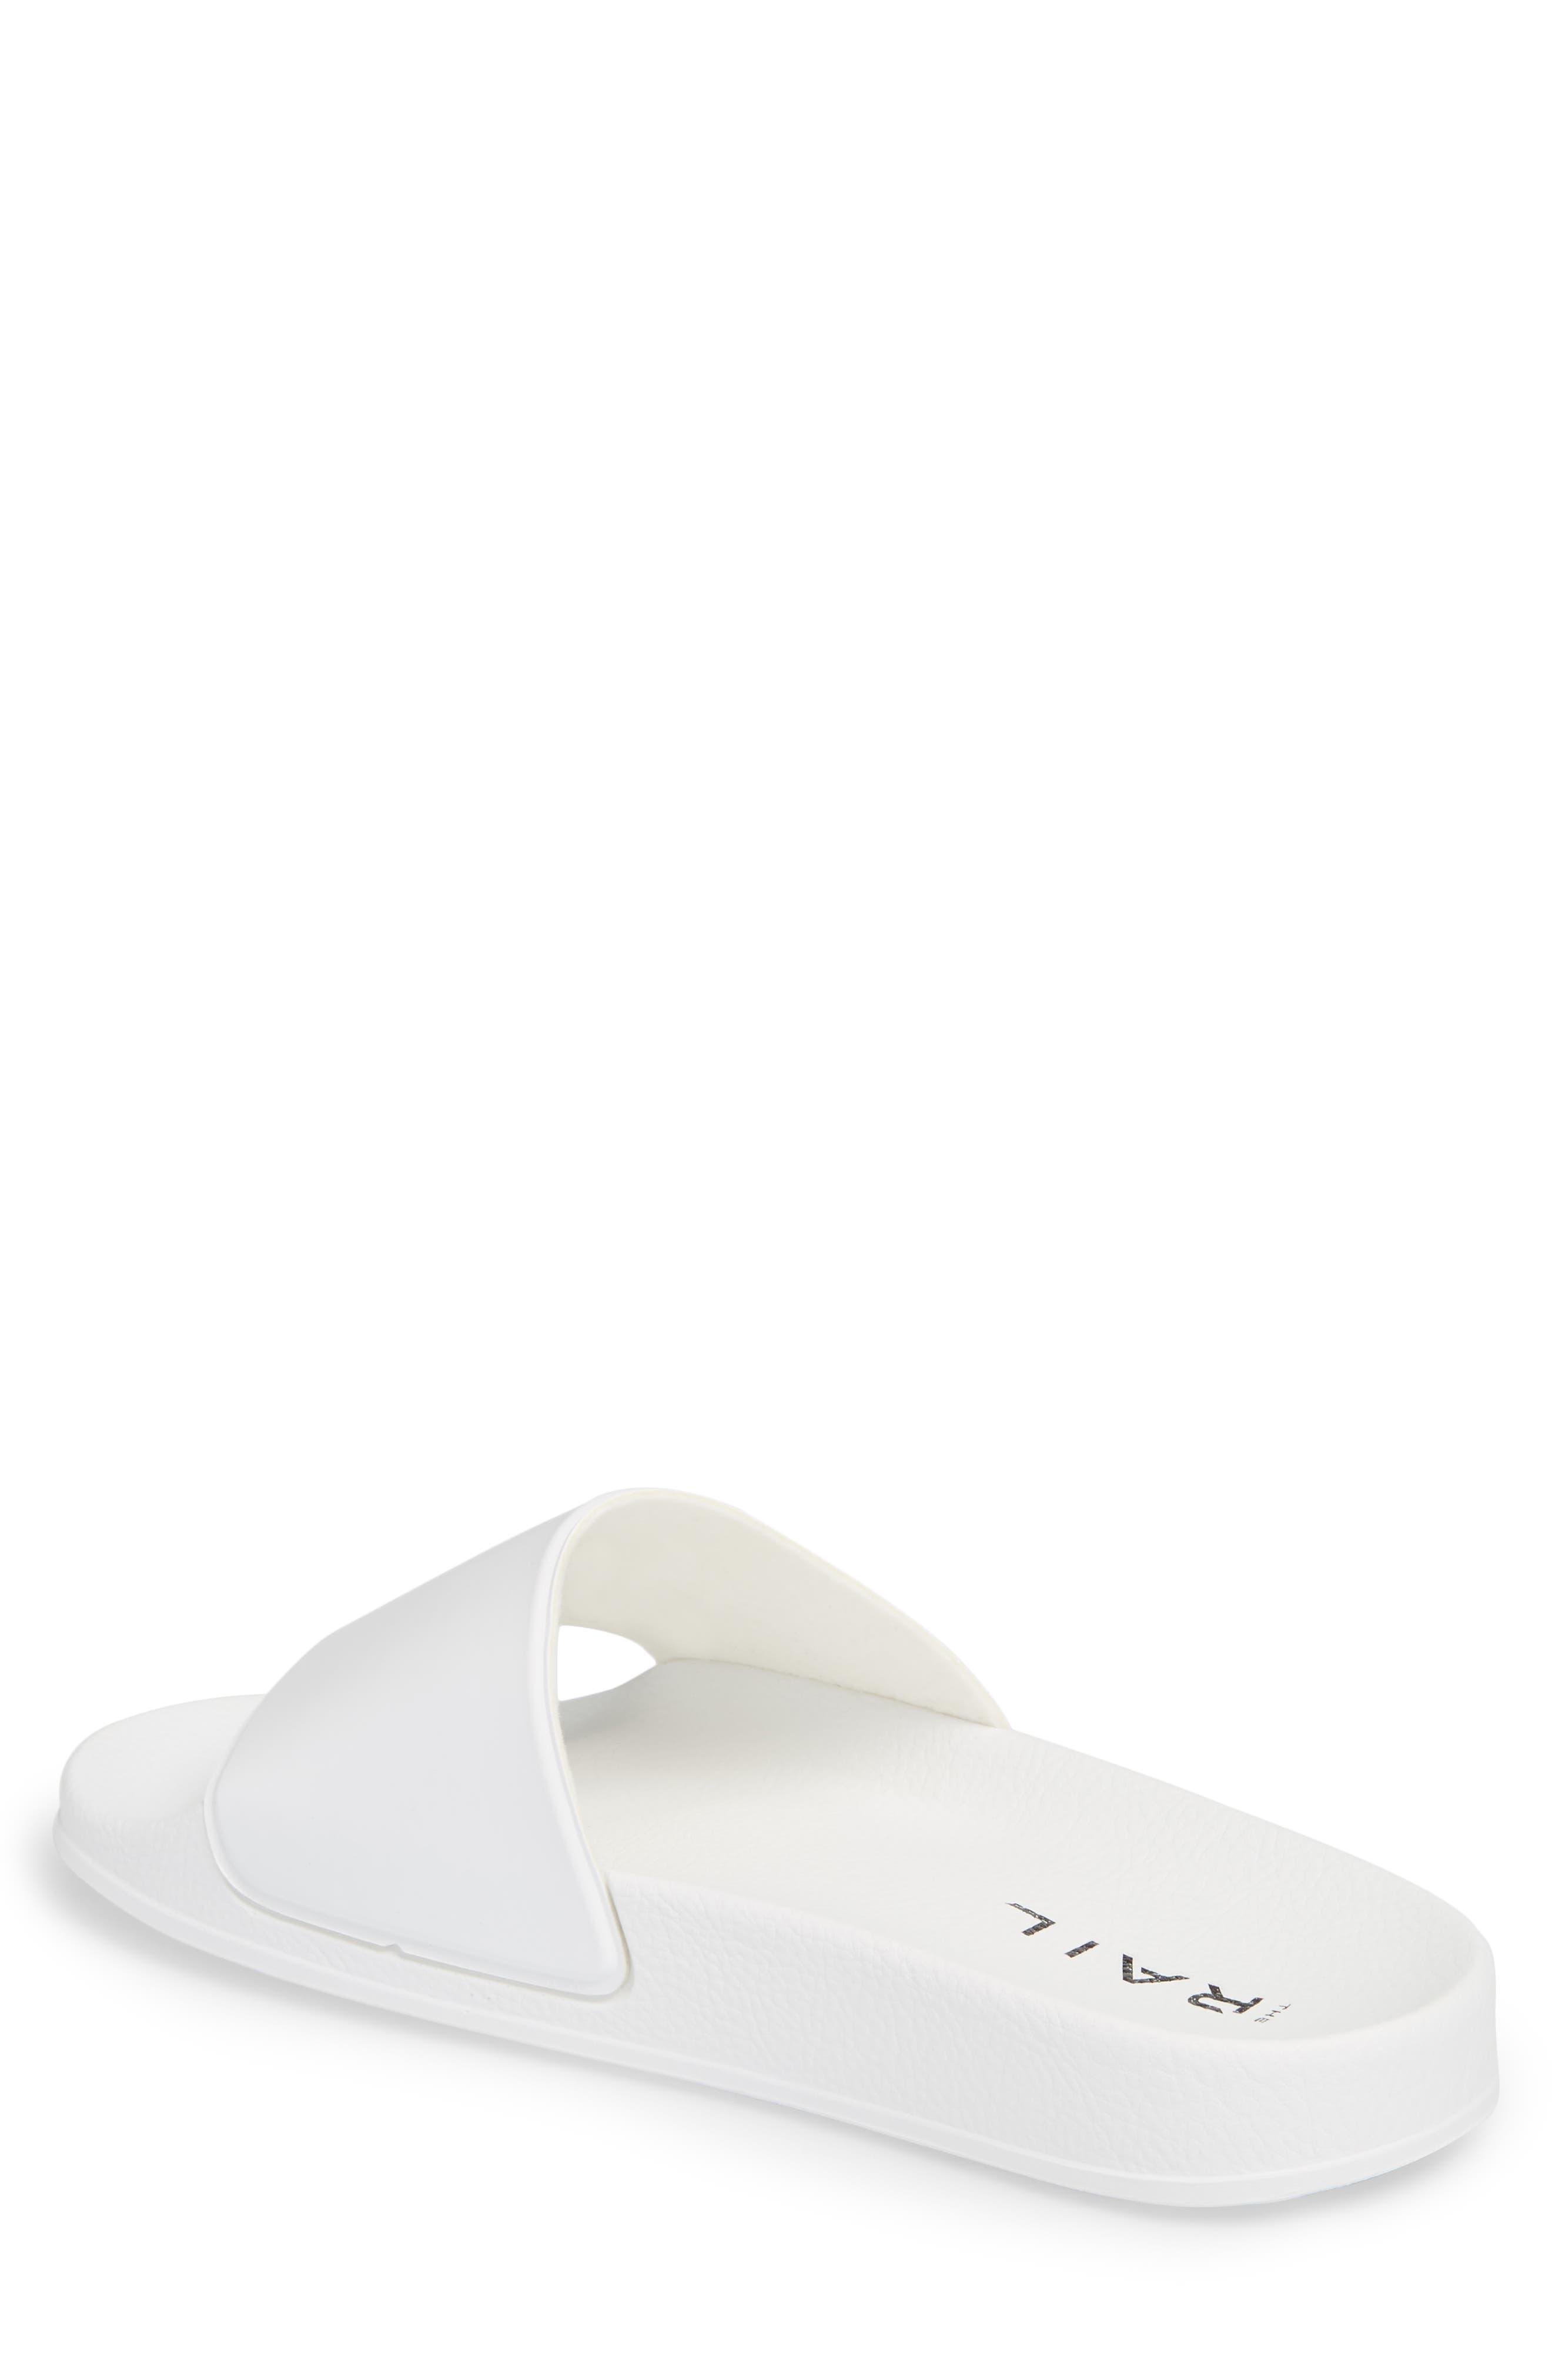 Bondi Slide Sandal,                             Alternate thumbnail 2, color,                             White